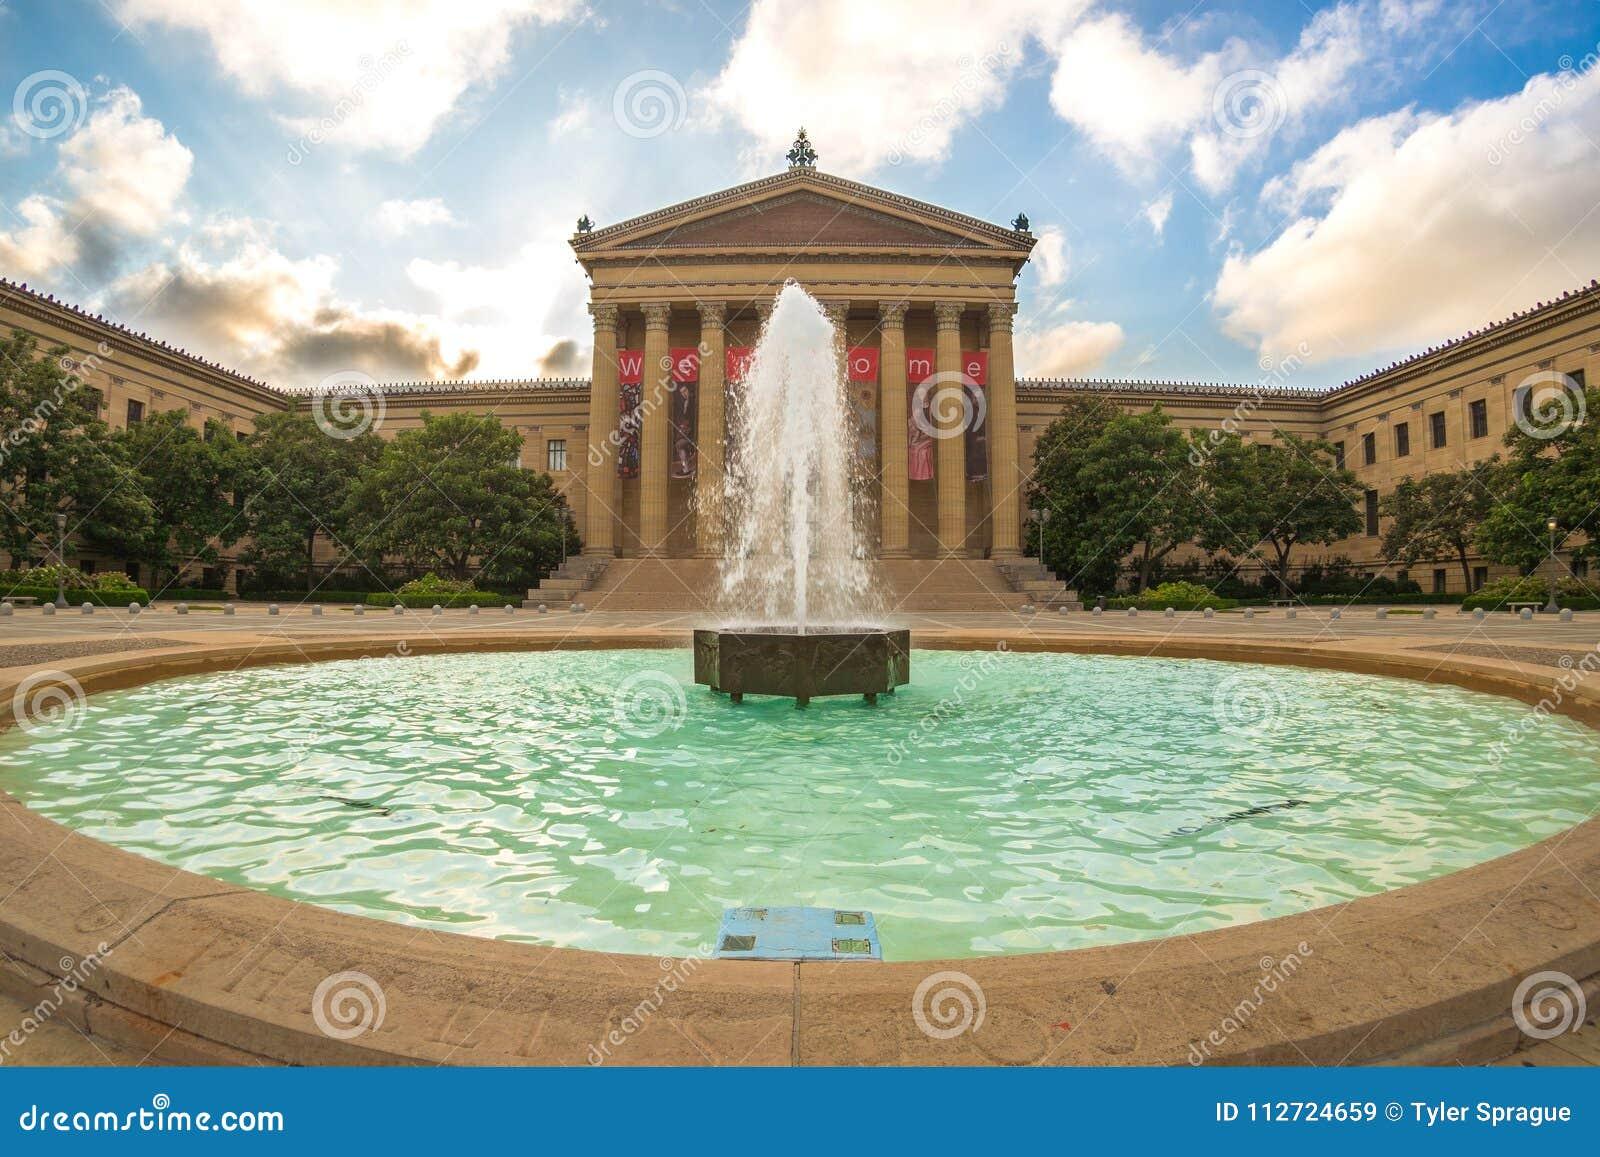 Museu de arte de Philadelphfia